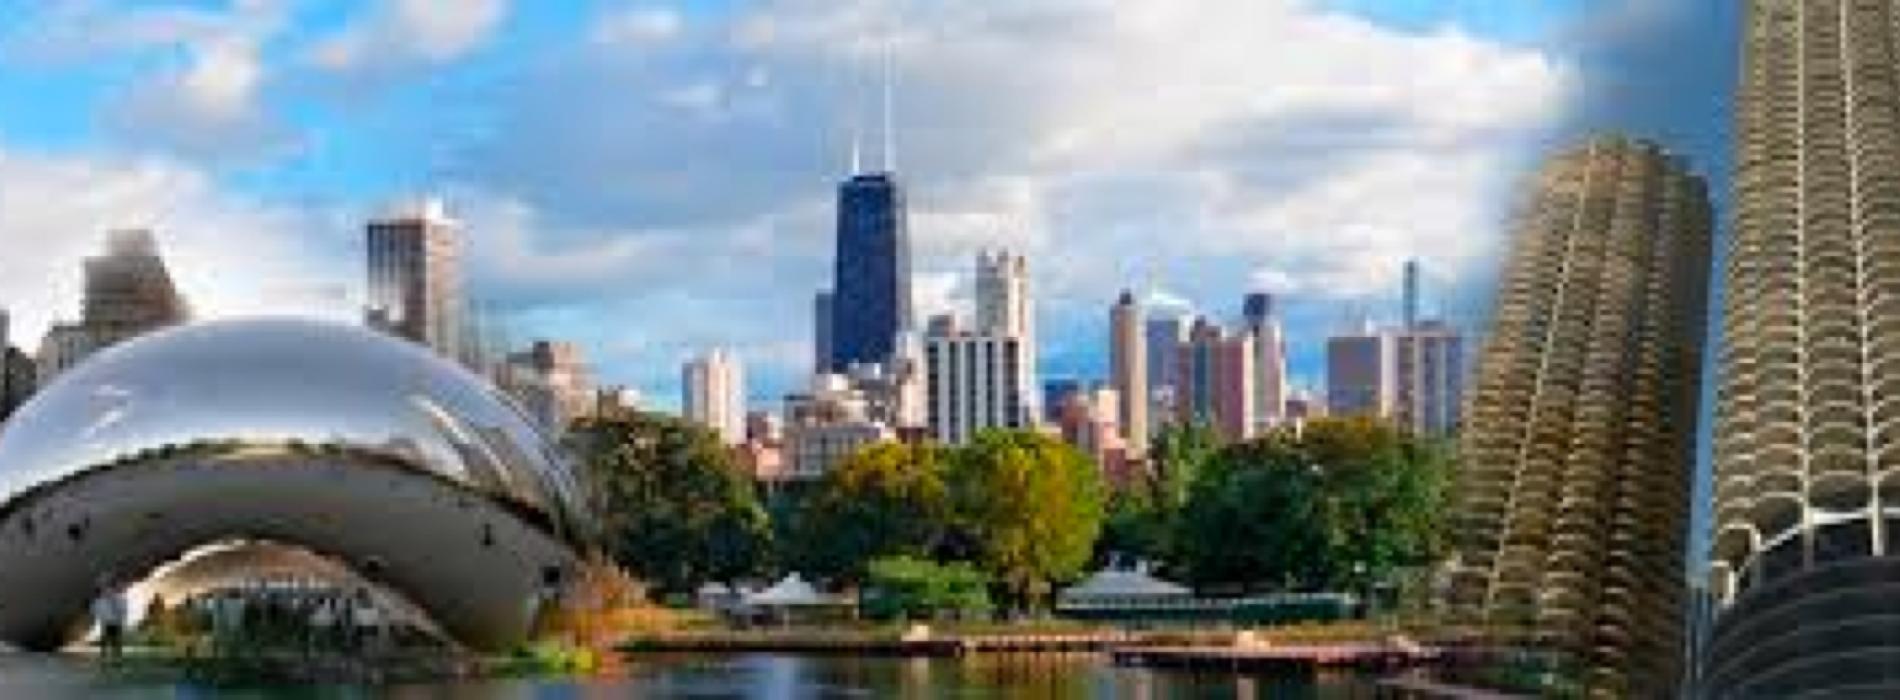 ABMAPRO leva executivos para PLMA 2018 de Chicago